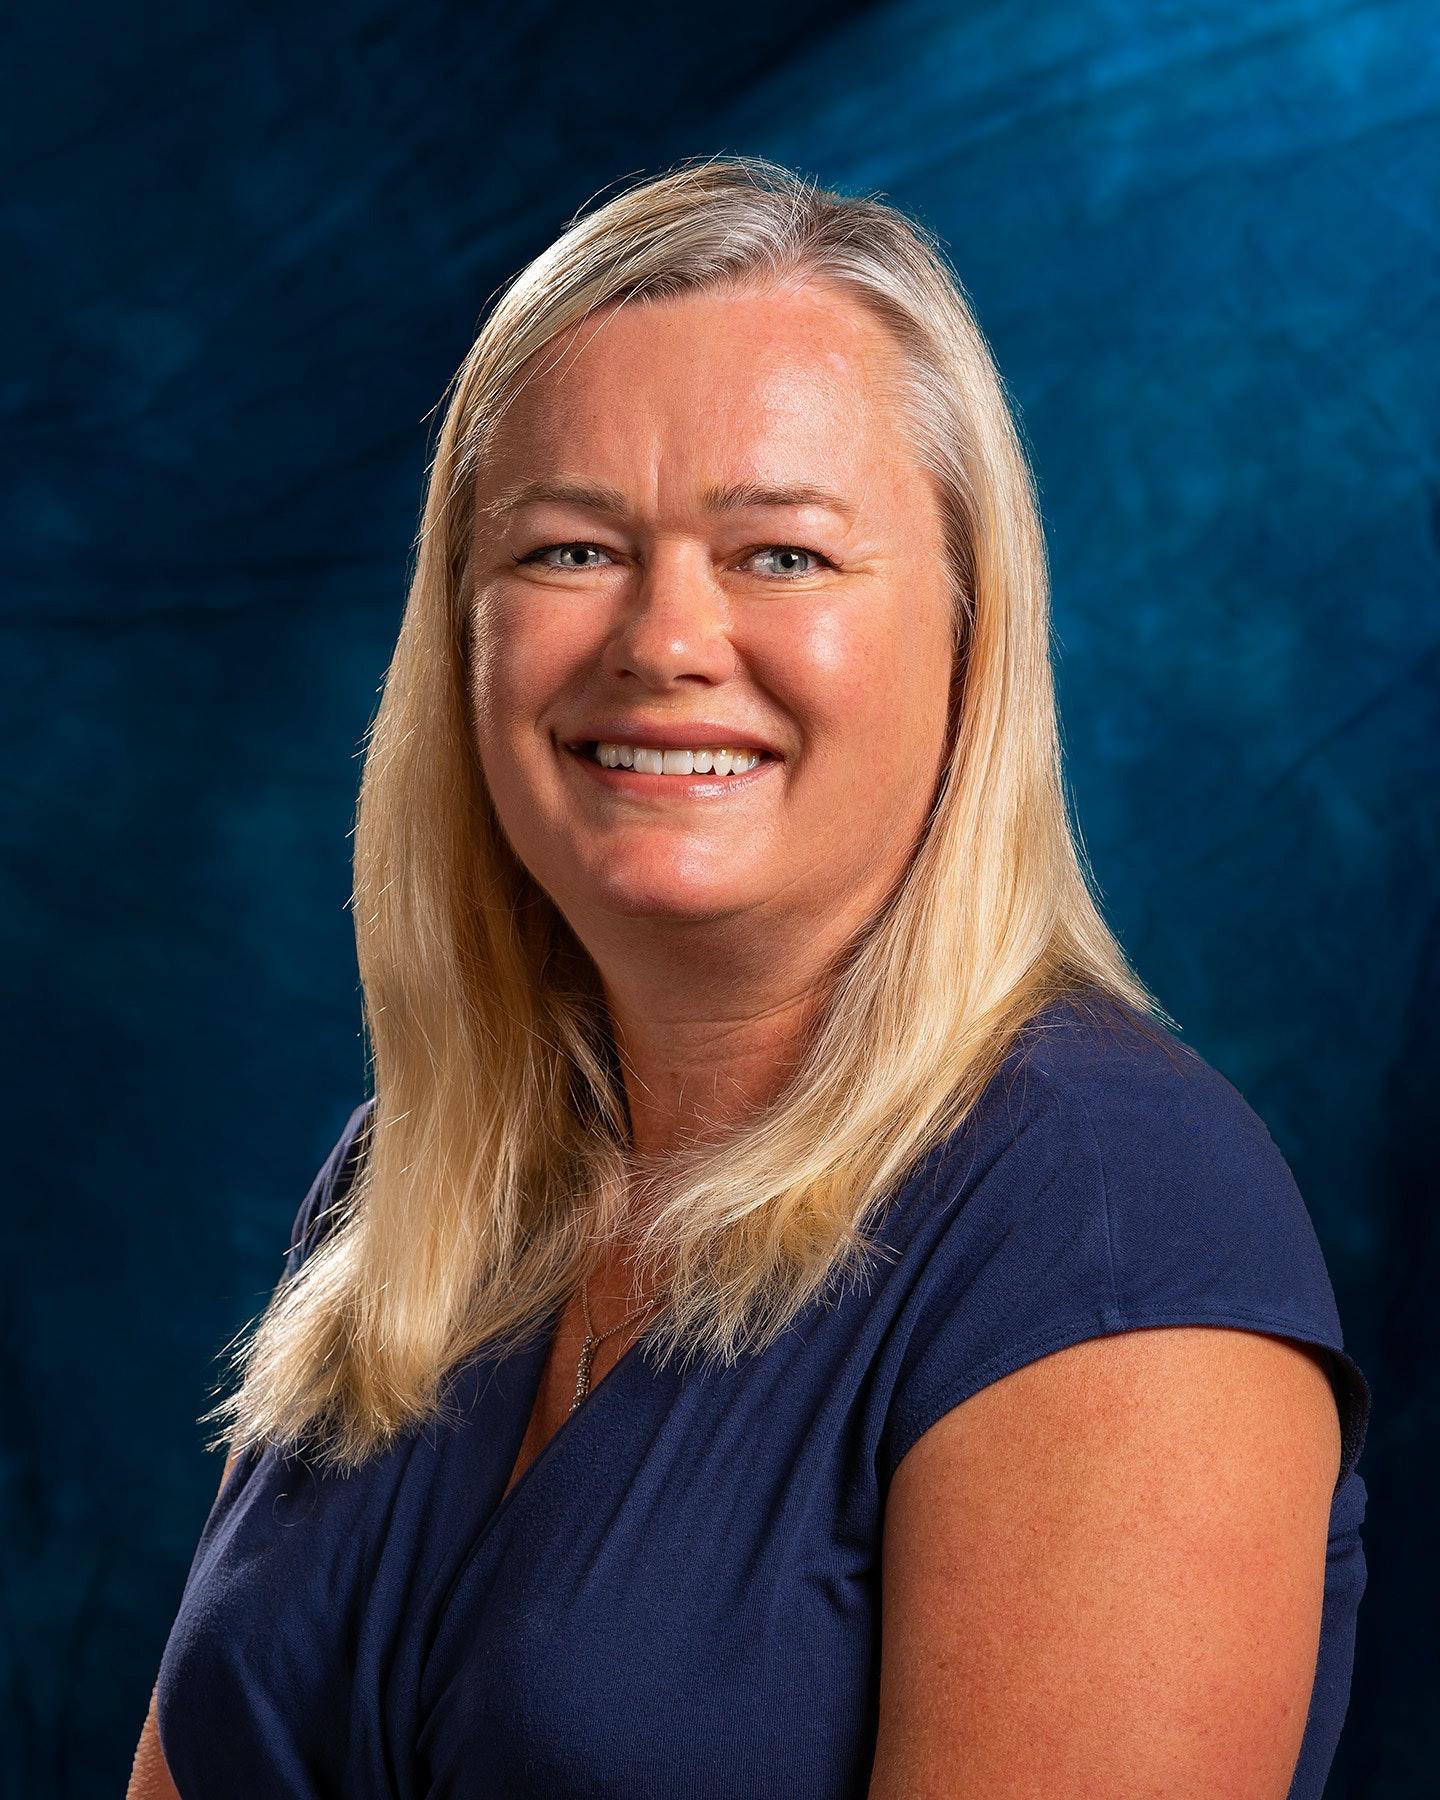 San Clemente Trustee. Michelle Schumacher